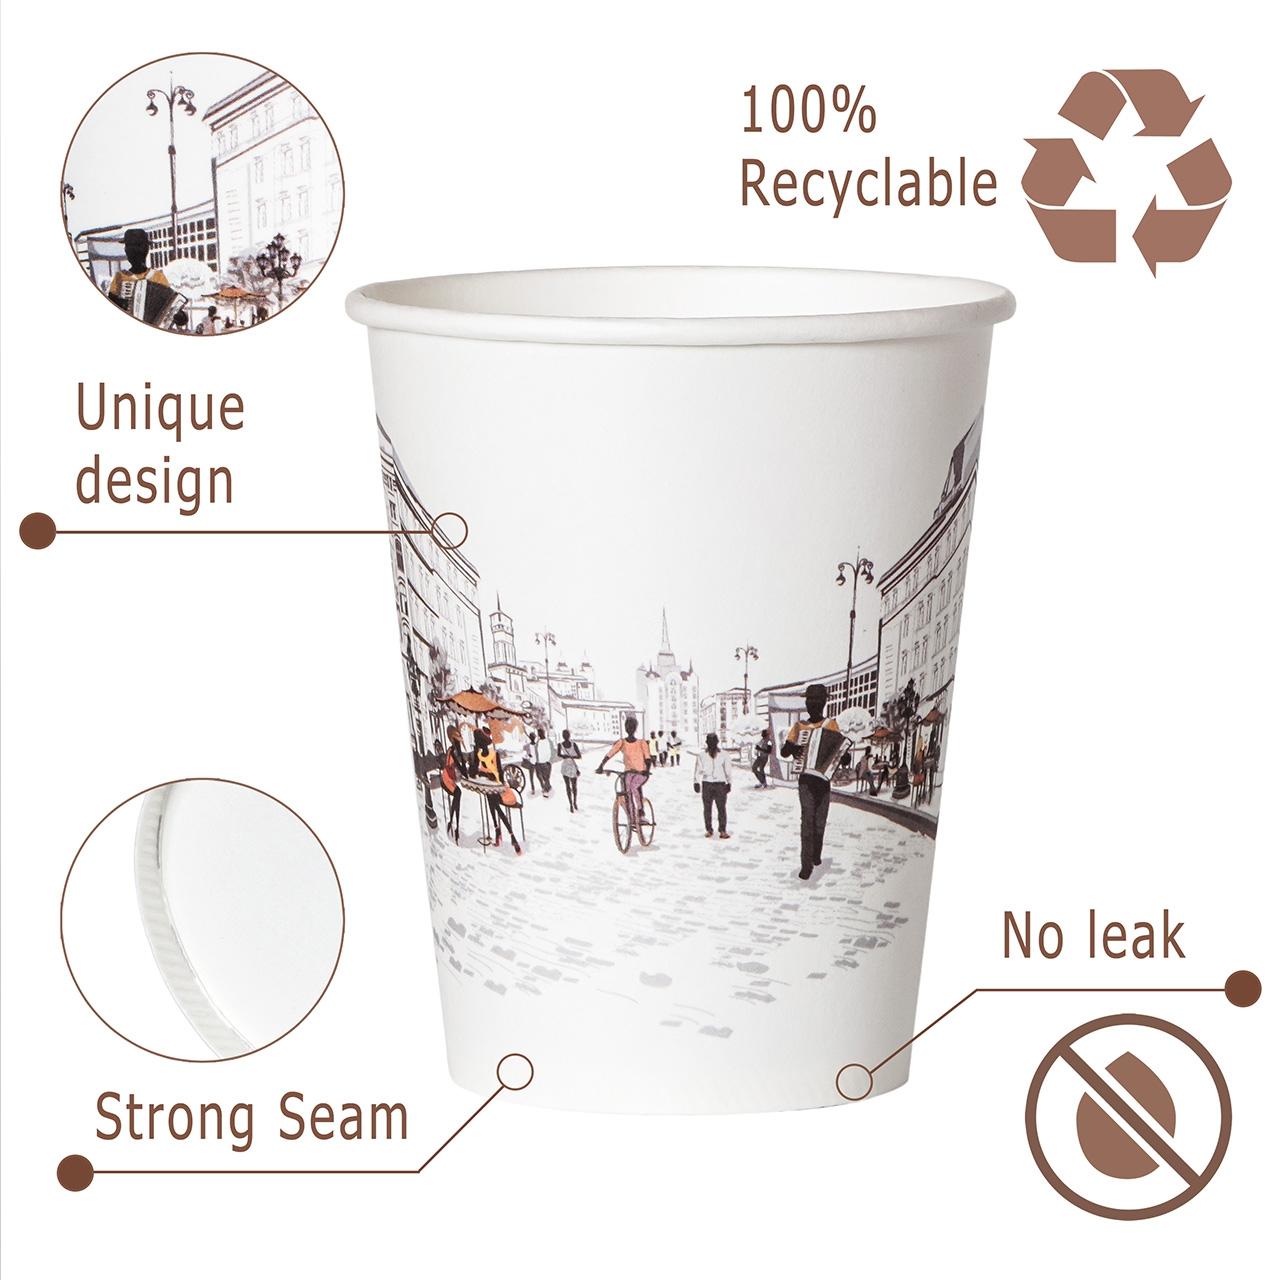 инфографика  для листинга на амазон - пример фото стакана для напитков